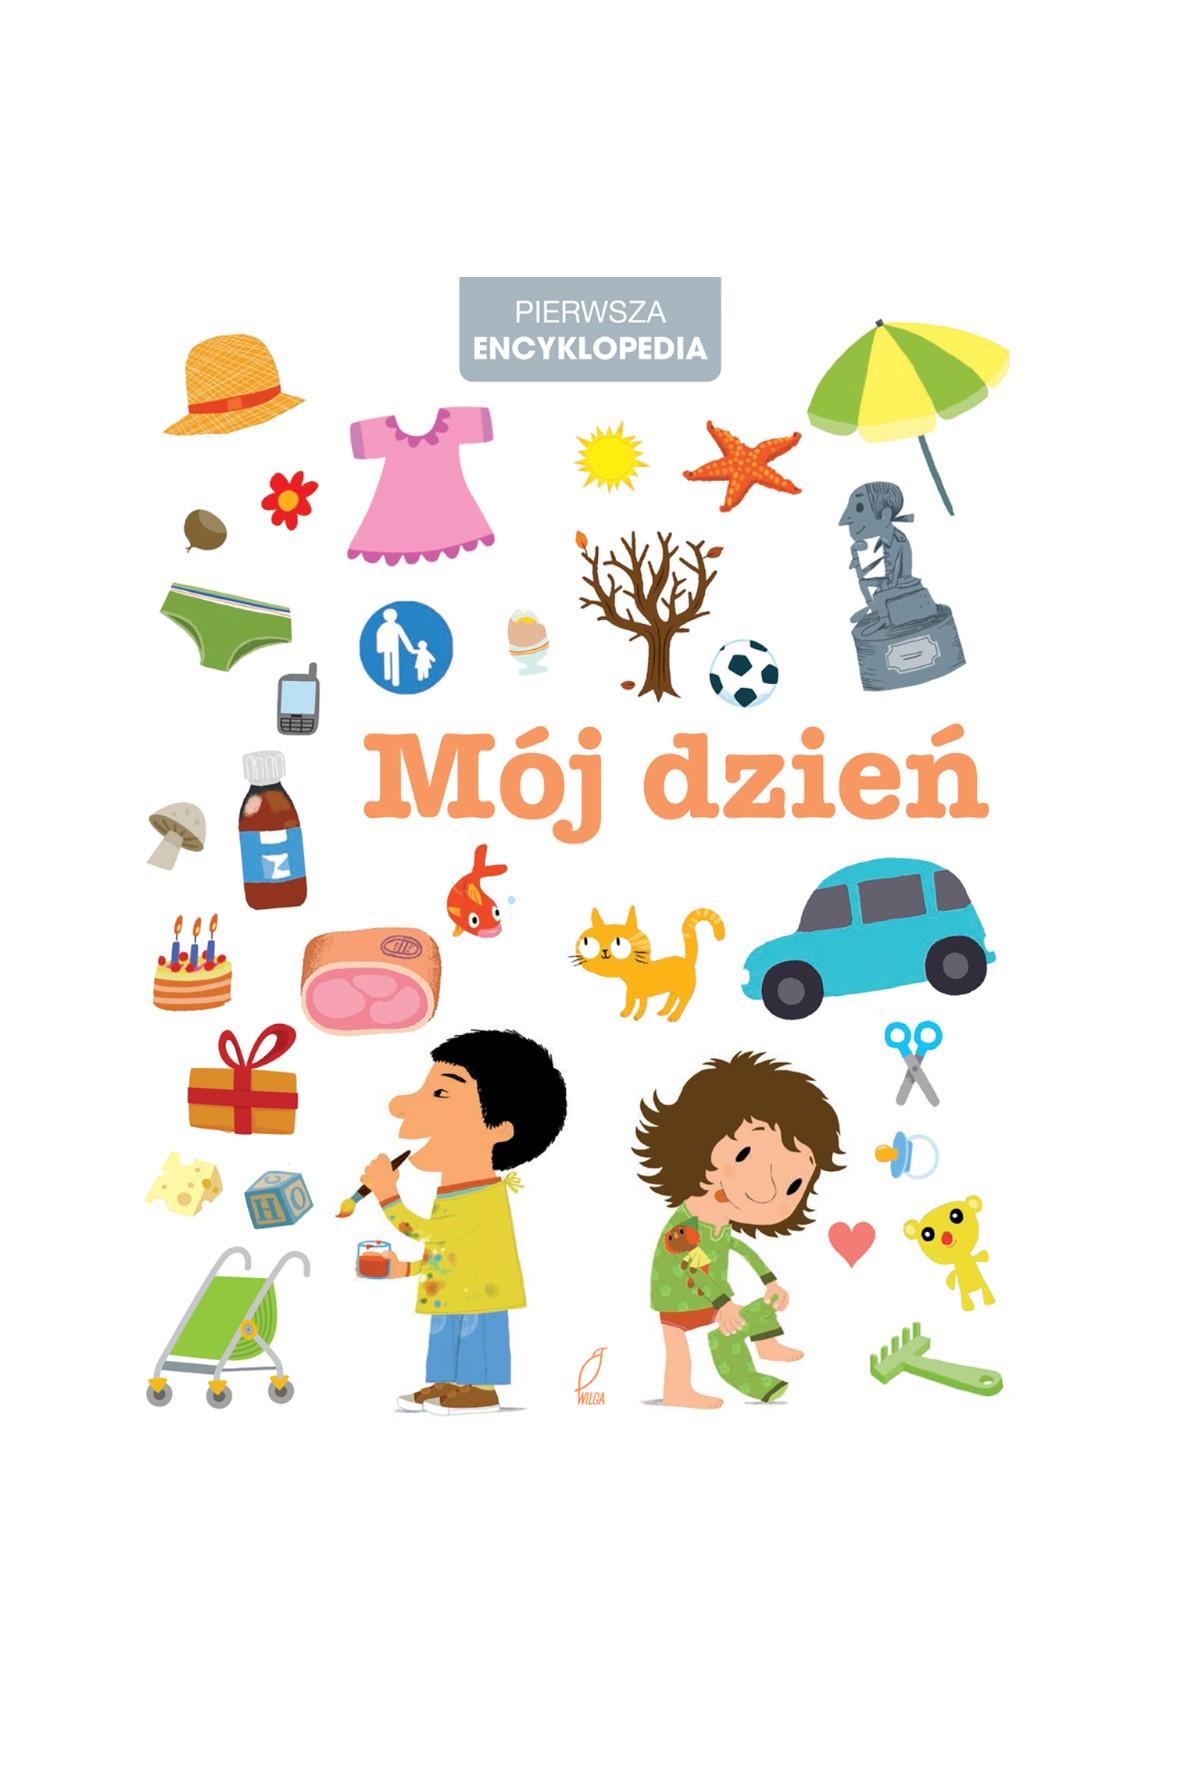 Książka dla dzieci- Mój dzień pierwsza encyklopedia